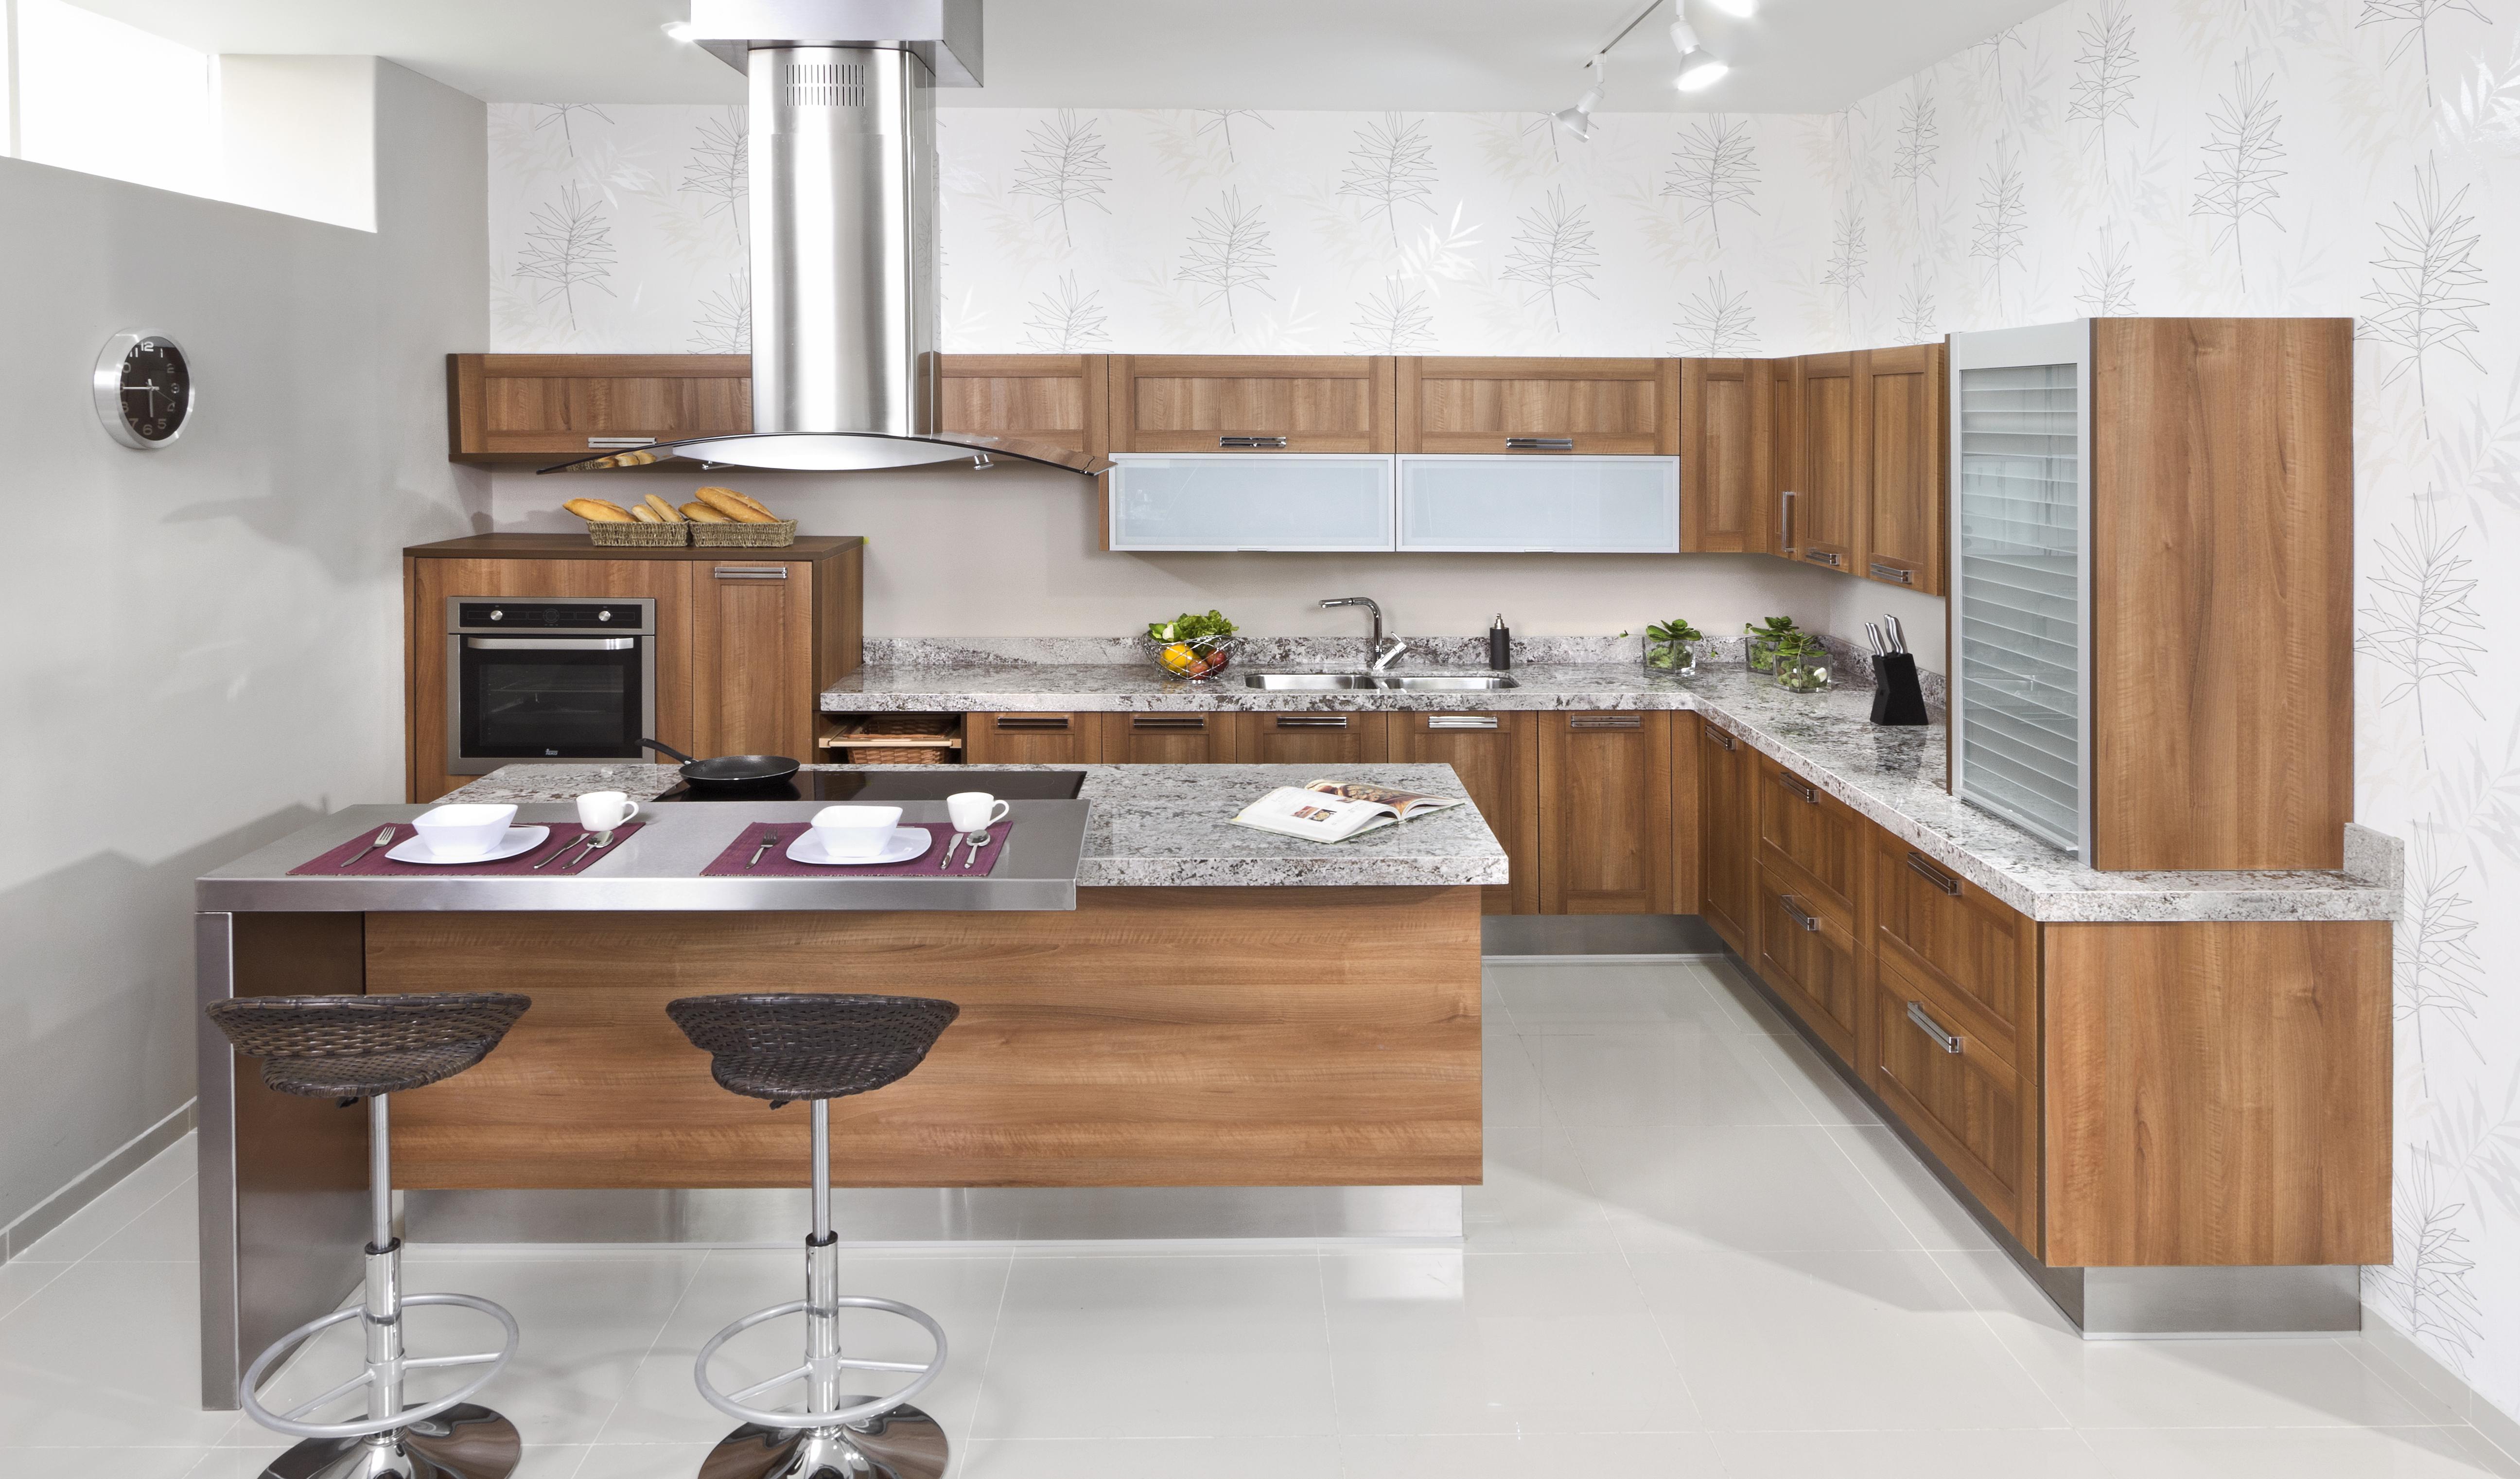 Famoso Cocina Por Diseño Friso - Ideas de Decoración de Cocina ...